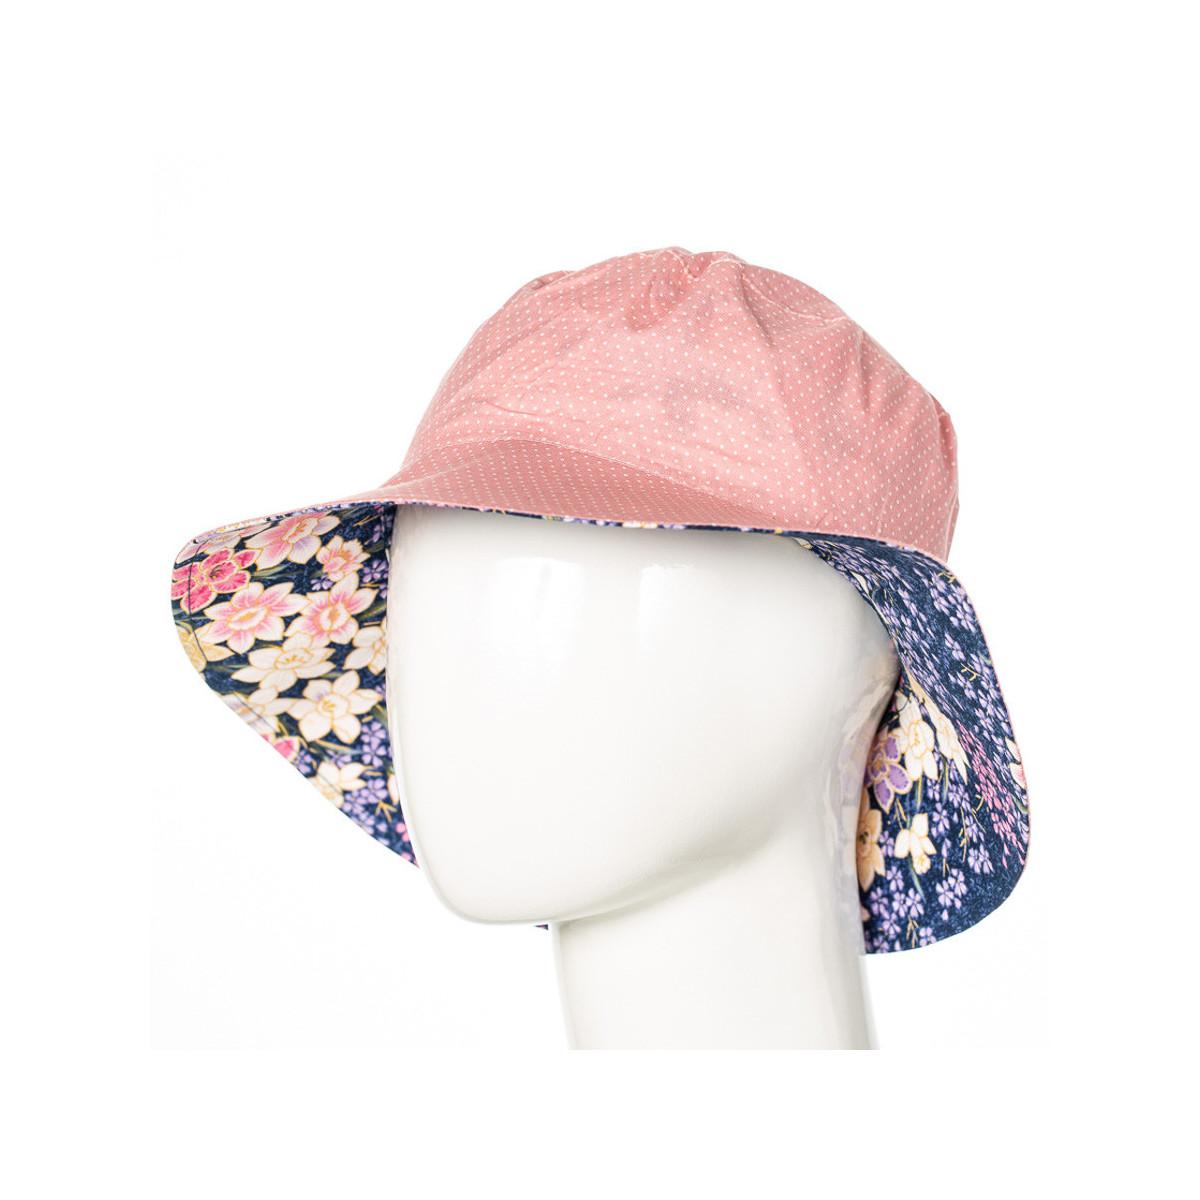 Chapeau coton réversible enfant 1-8 ans rose pâle à pois et mauve à fleurs